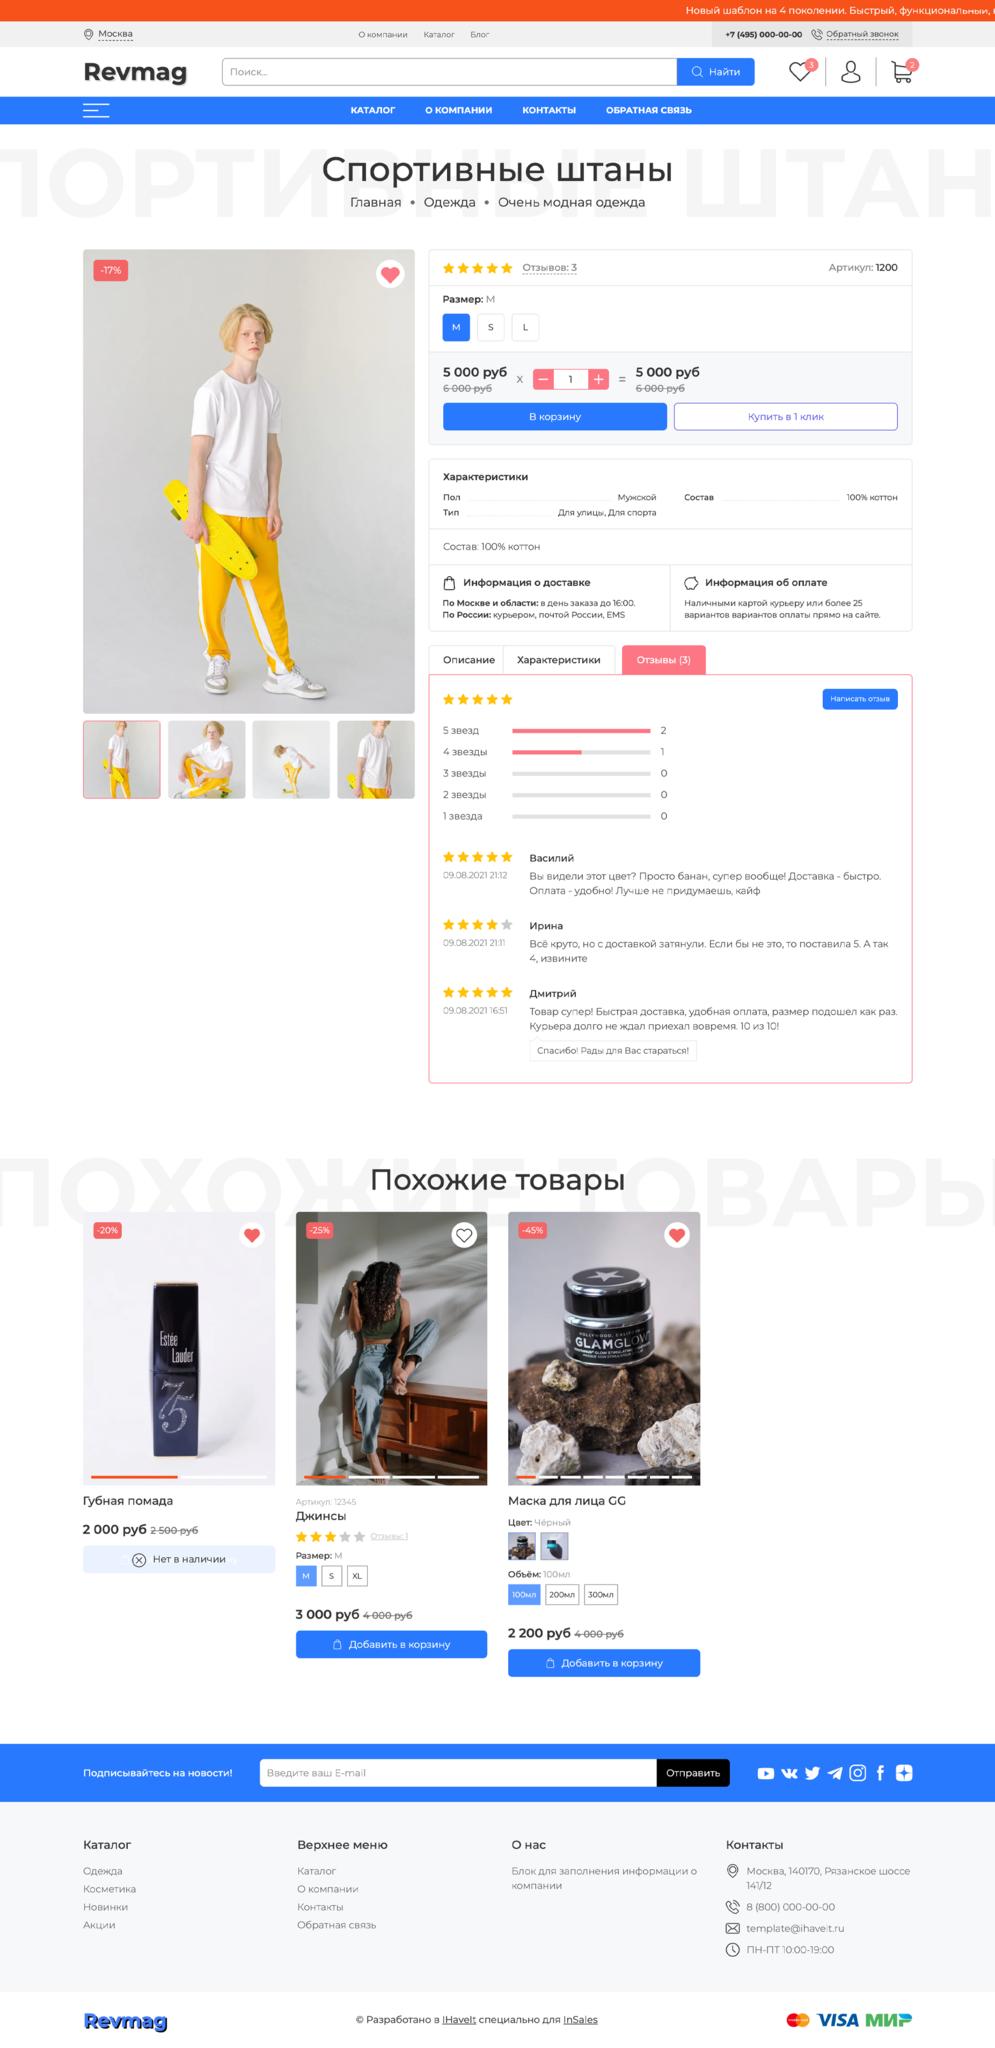 Шаблон интернет магазина - Revmag